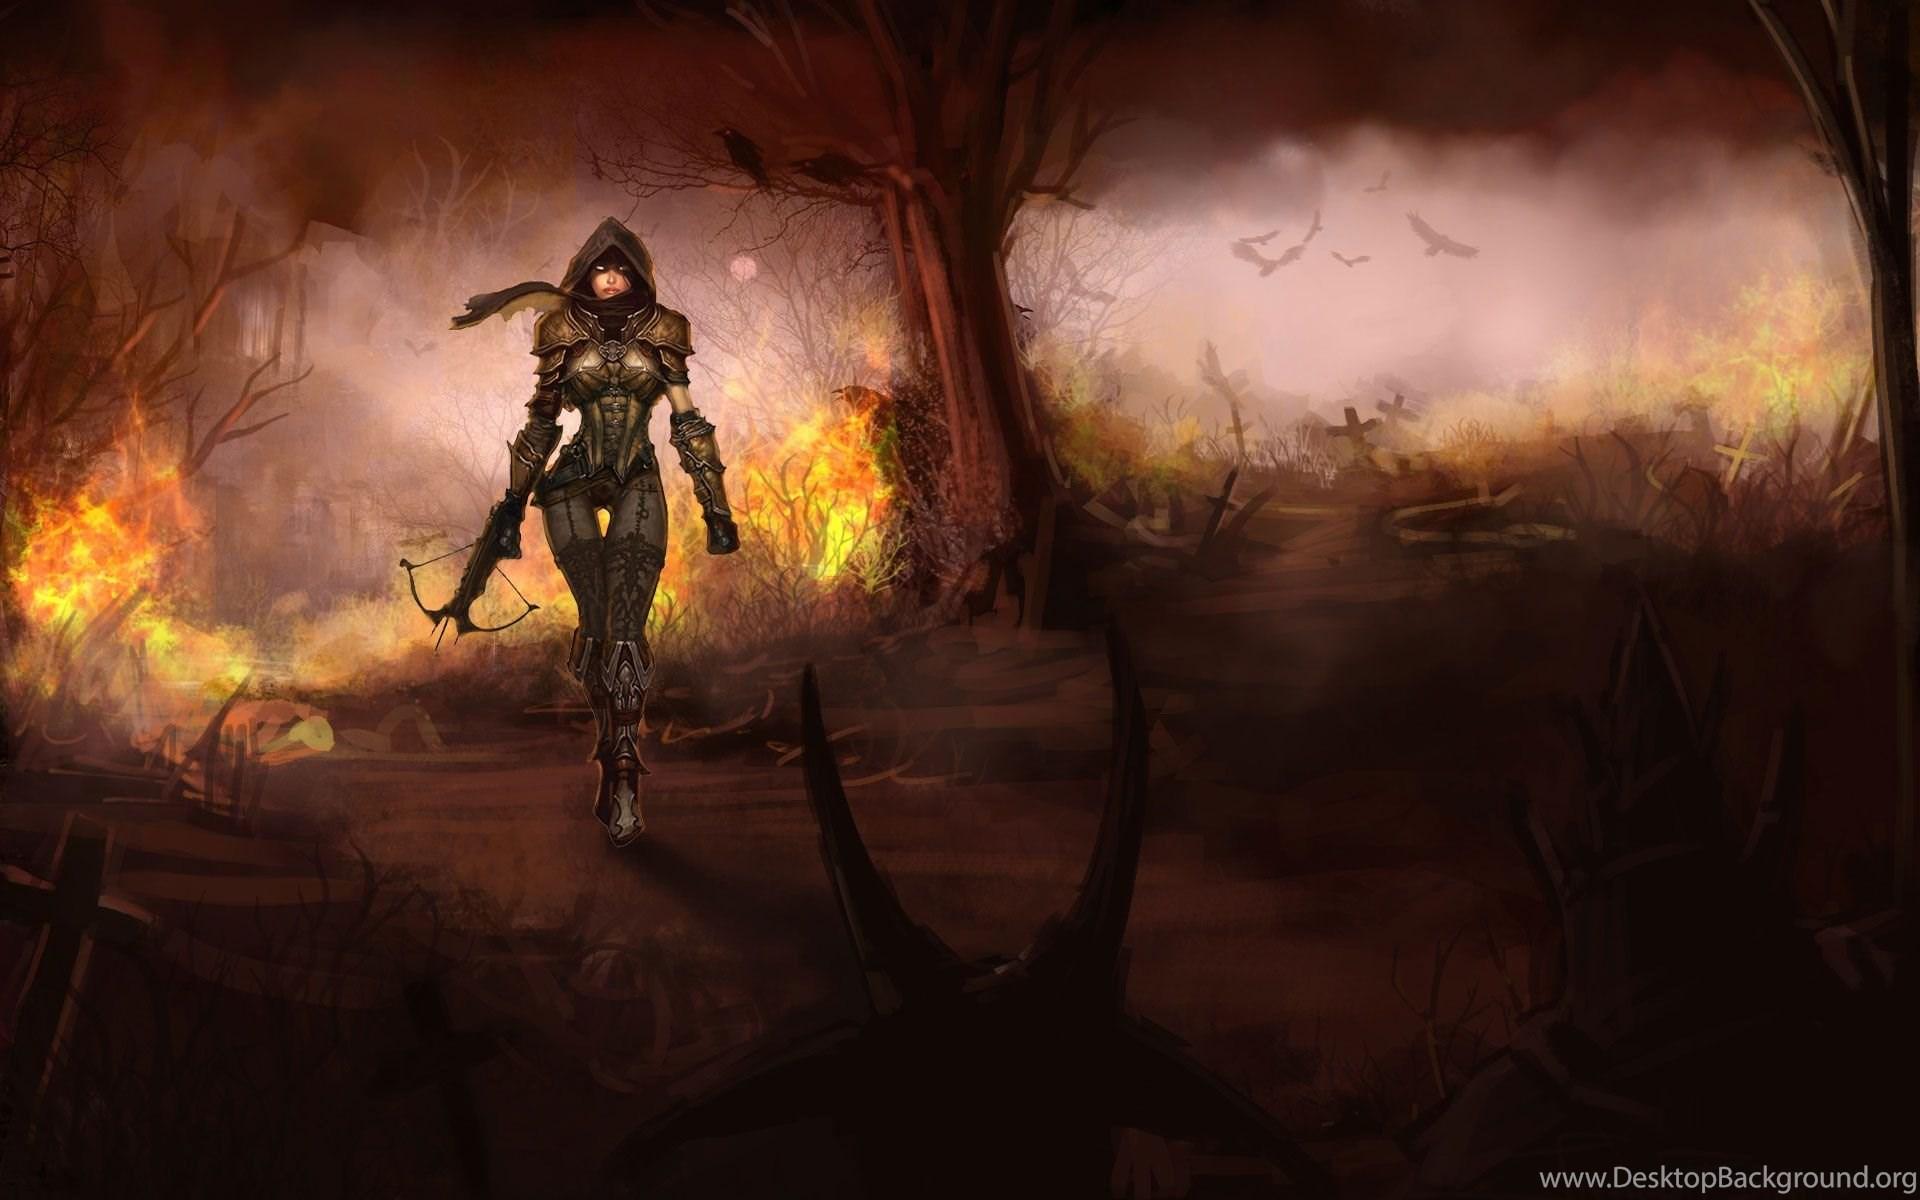 Diablo 3 Demon Hunter Wallpapers 199863 Desktop Background